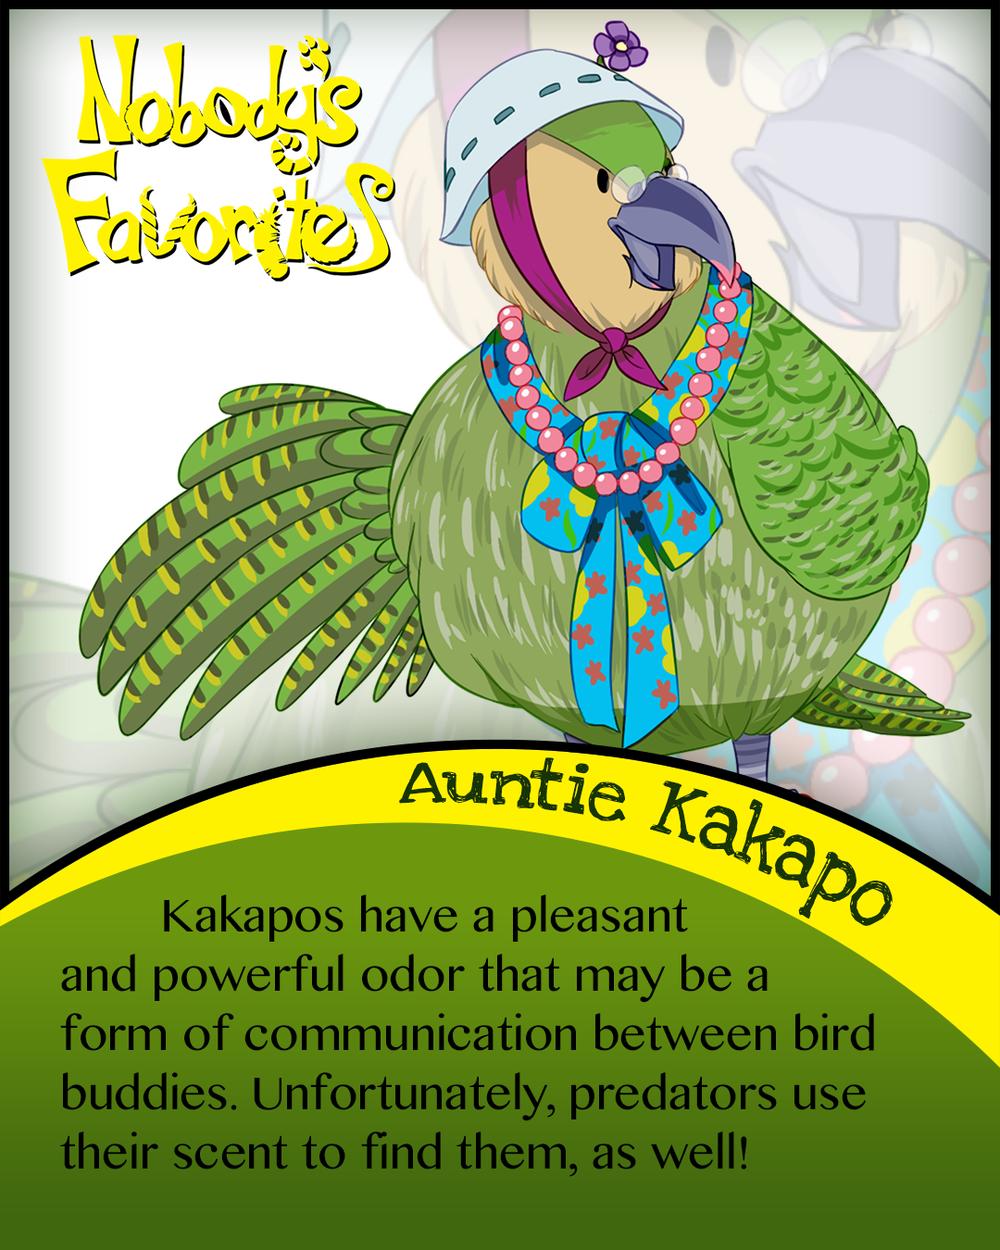 Auntie Kakapo Fact 4